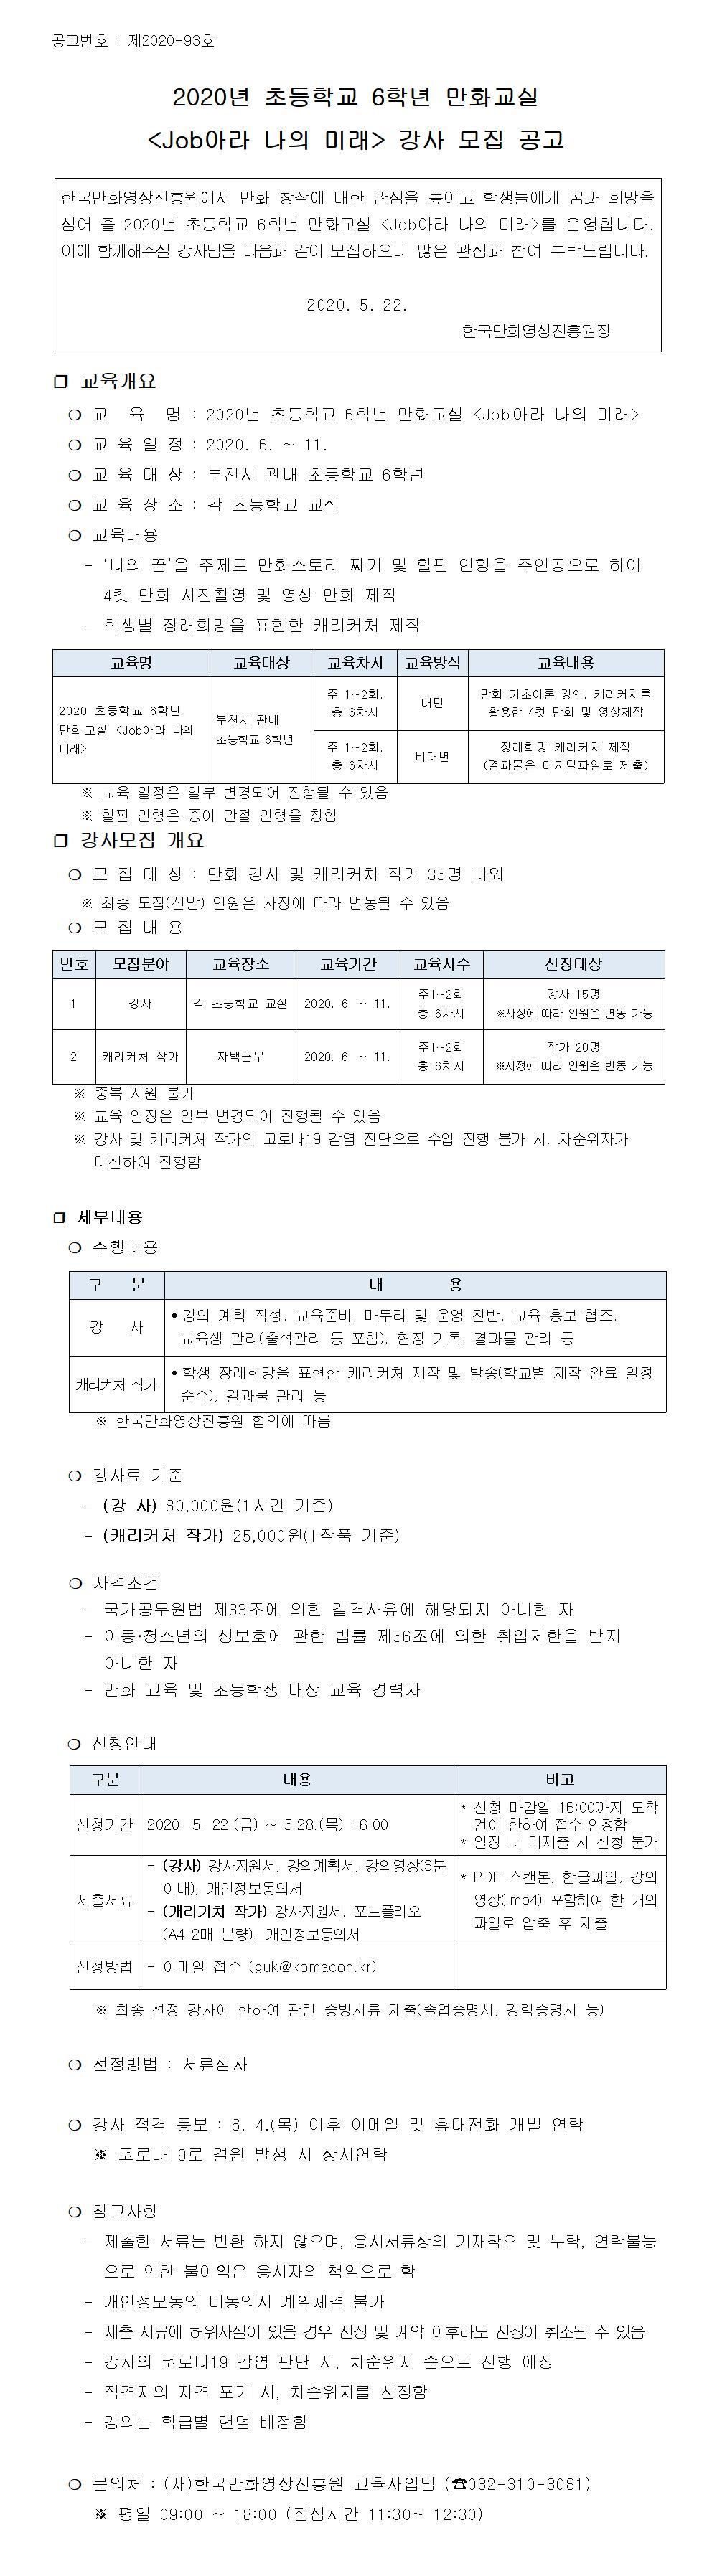 2020년 초등학교 6학년 만화교실 강사 공고문.jpg